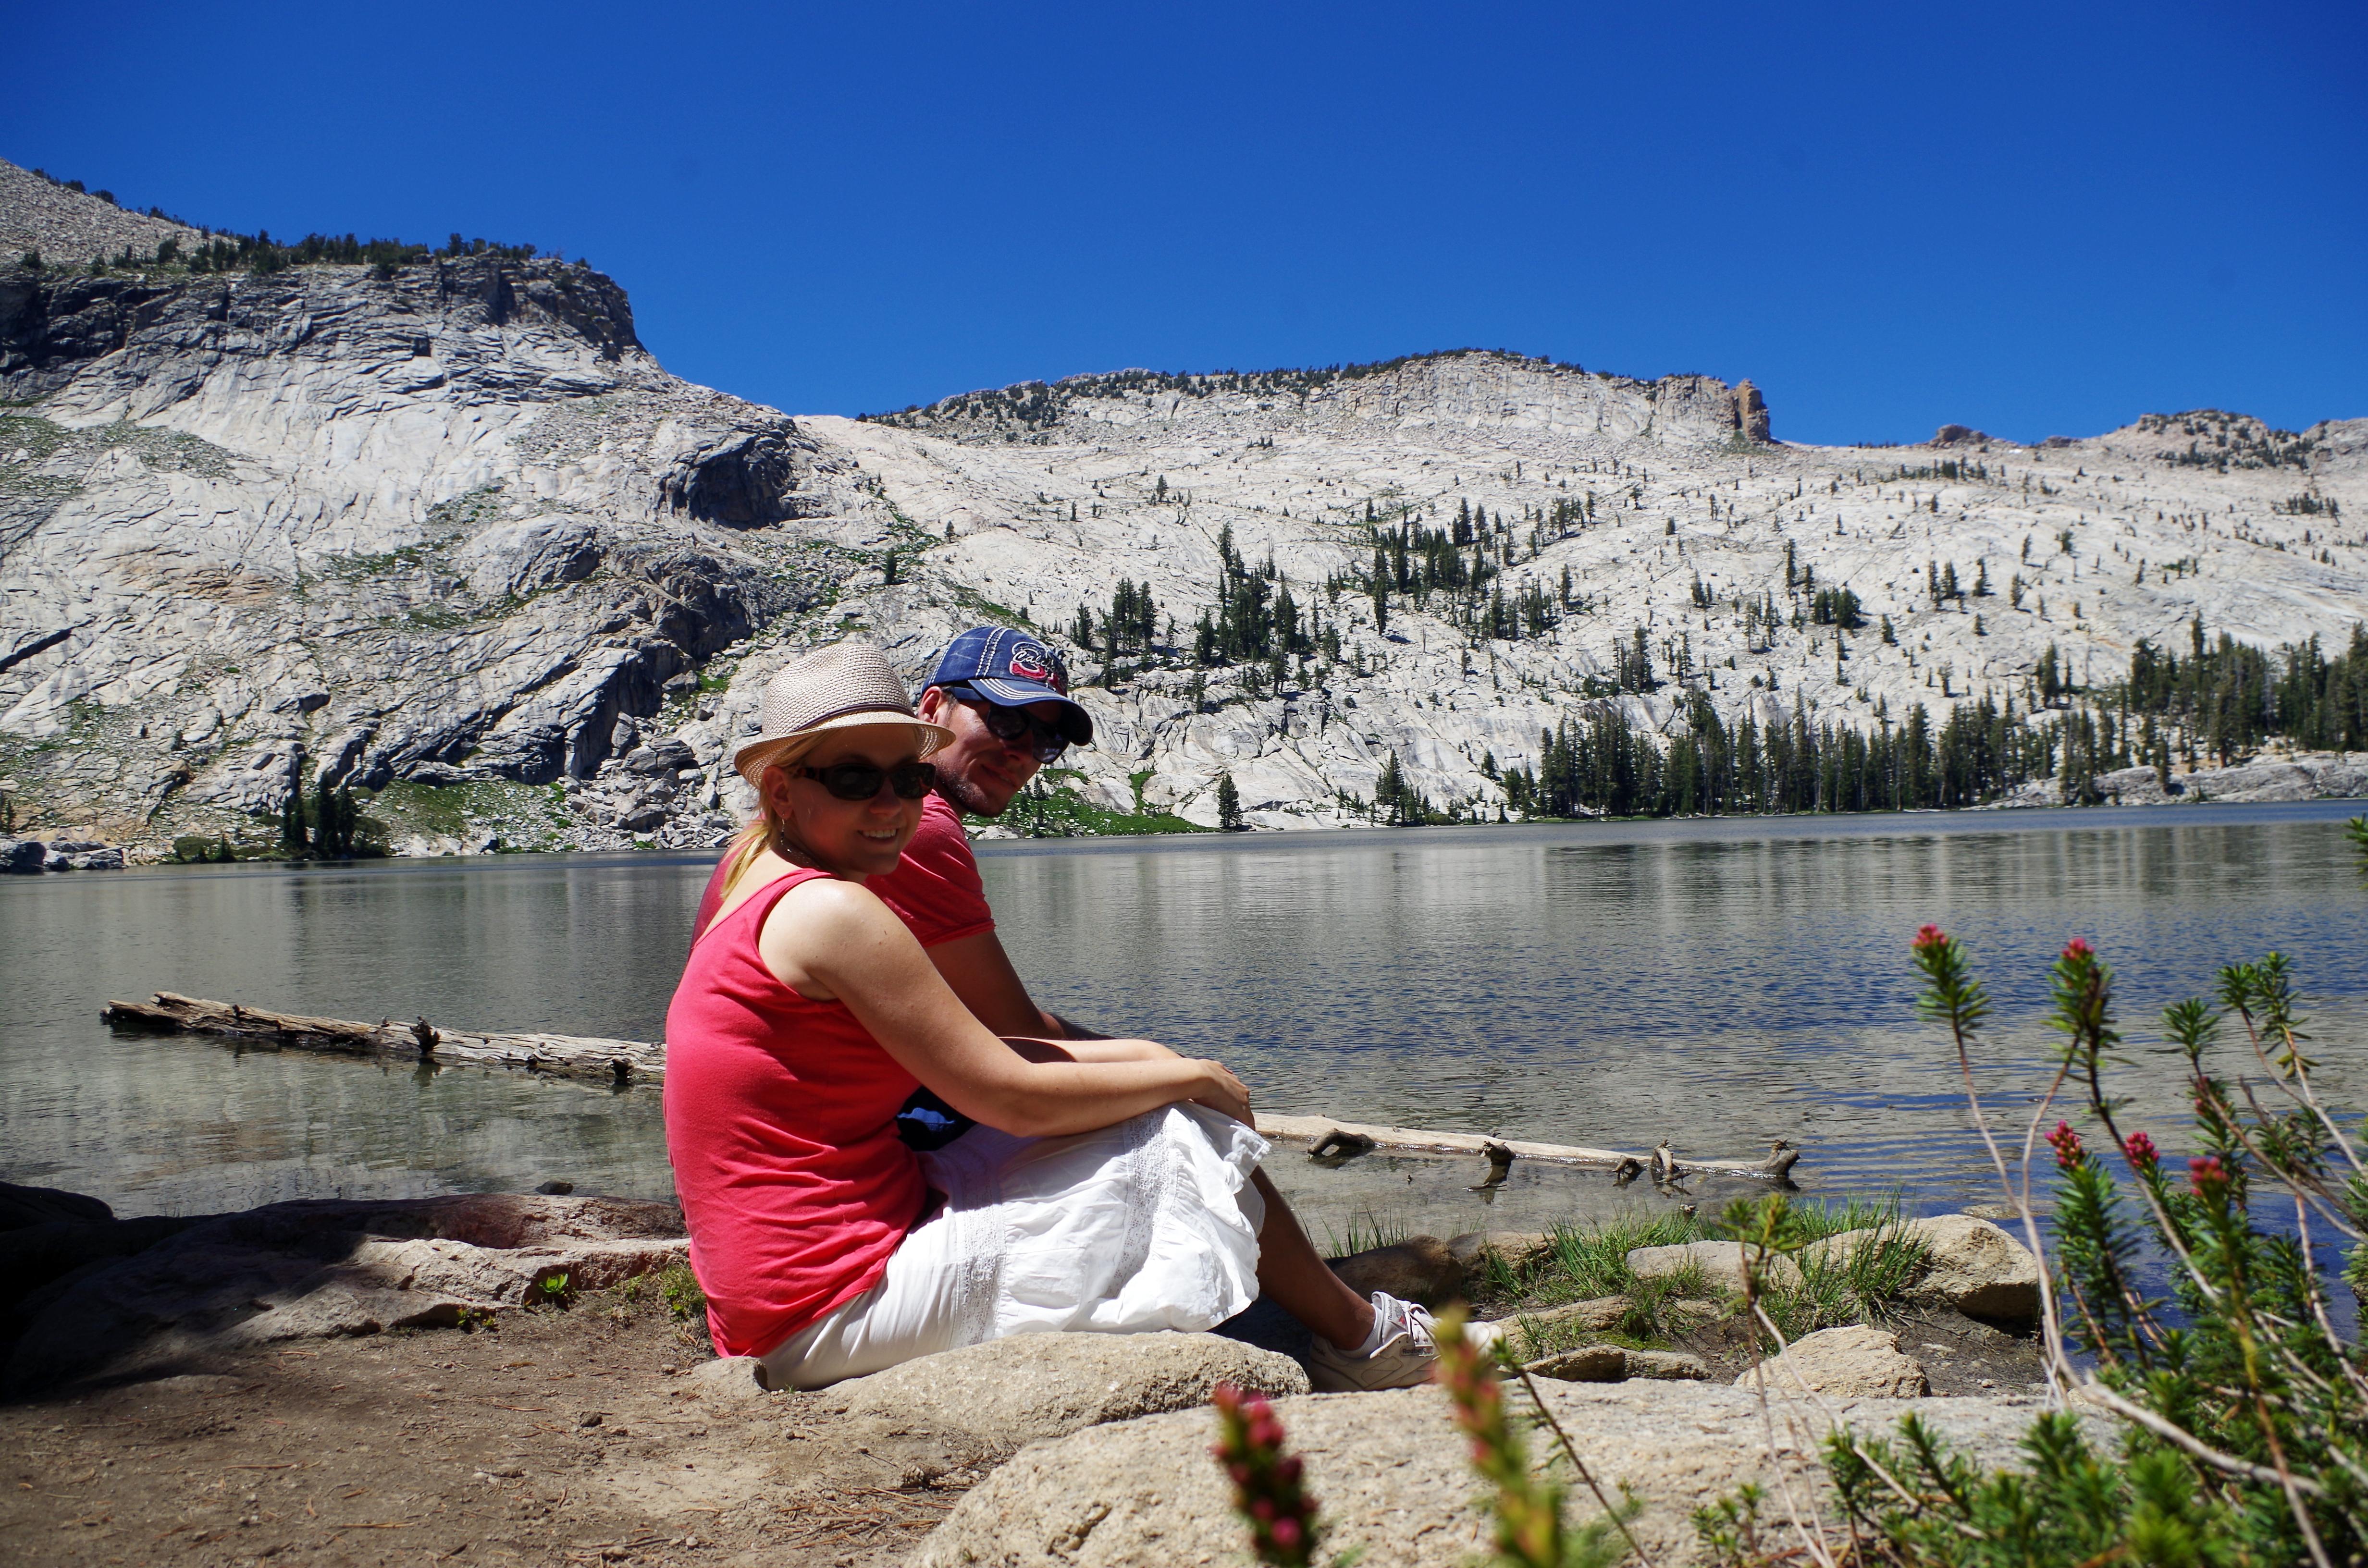 Die Trails im Yosemite Nationalpark sind so zahlreich, dass ihr oft für Euch alleine seid und an tolle Bergseen gelangt